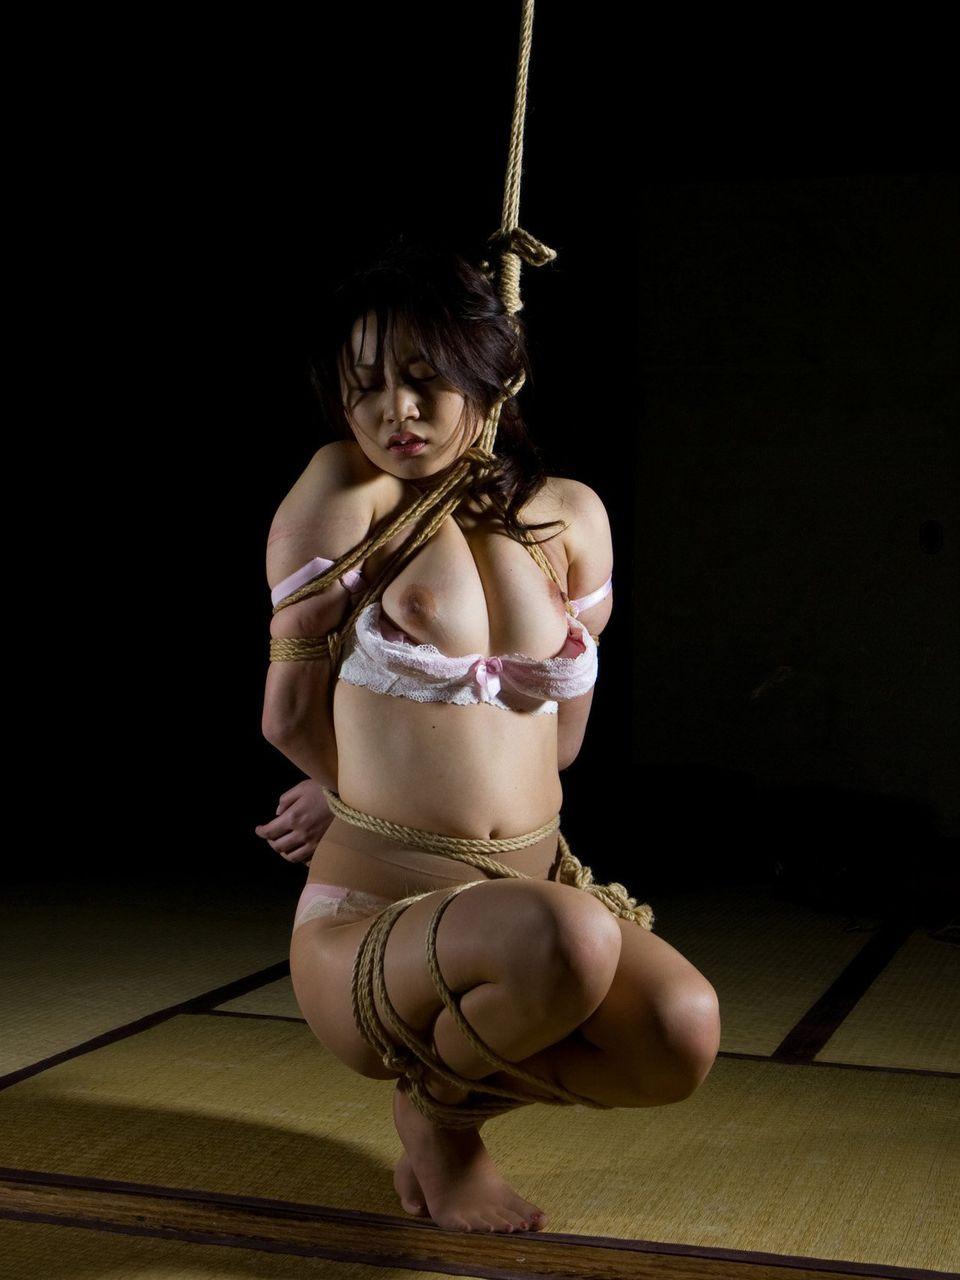 ロープで緊縛される美乳美女は身動きできない!